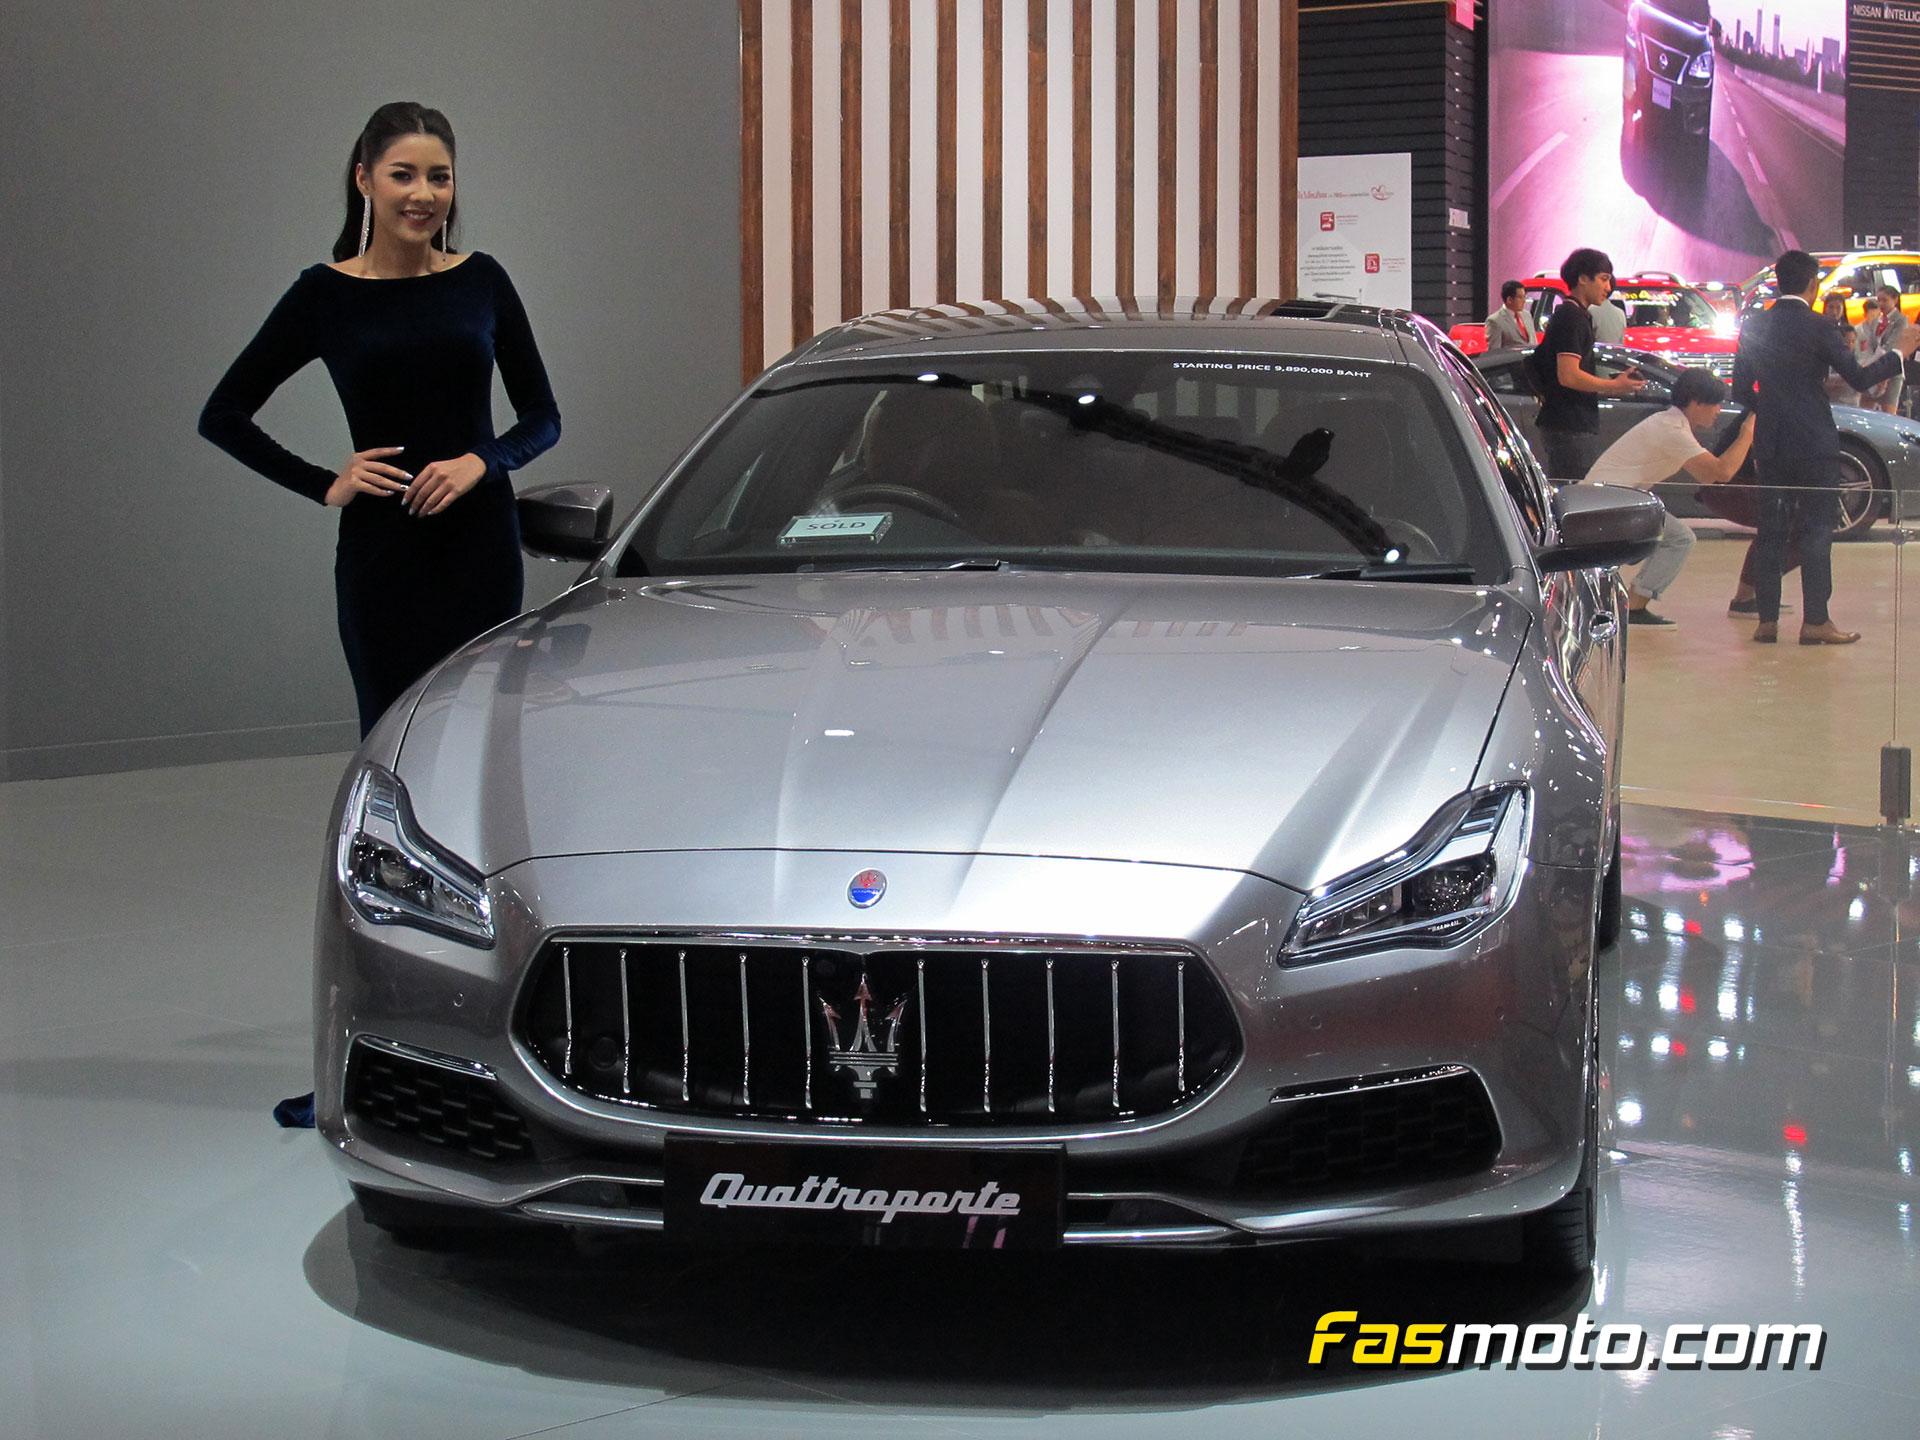 Maserti Quattroporte with model